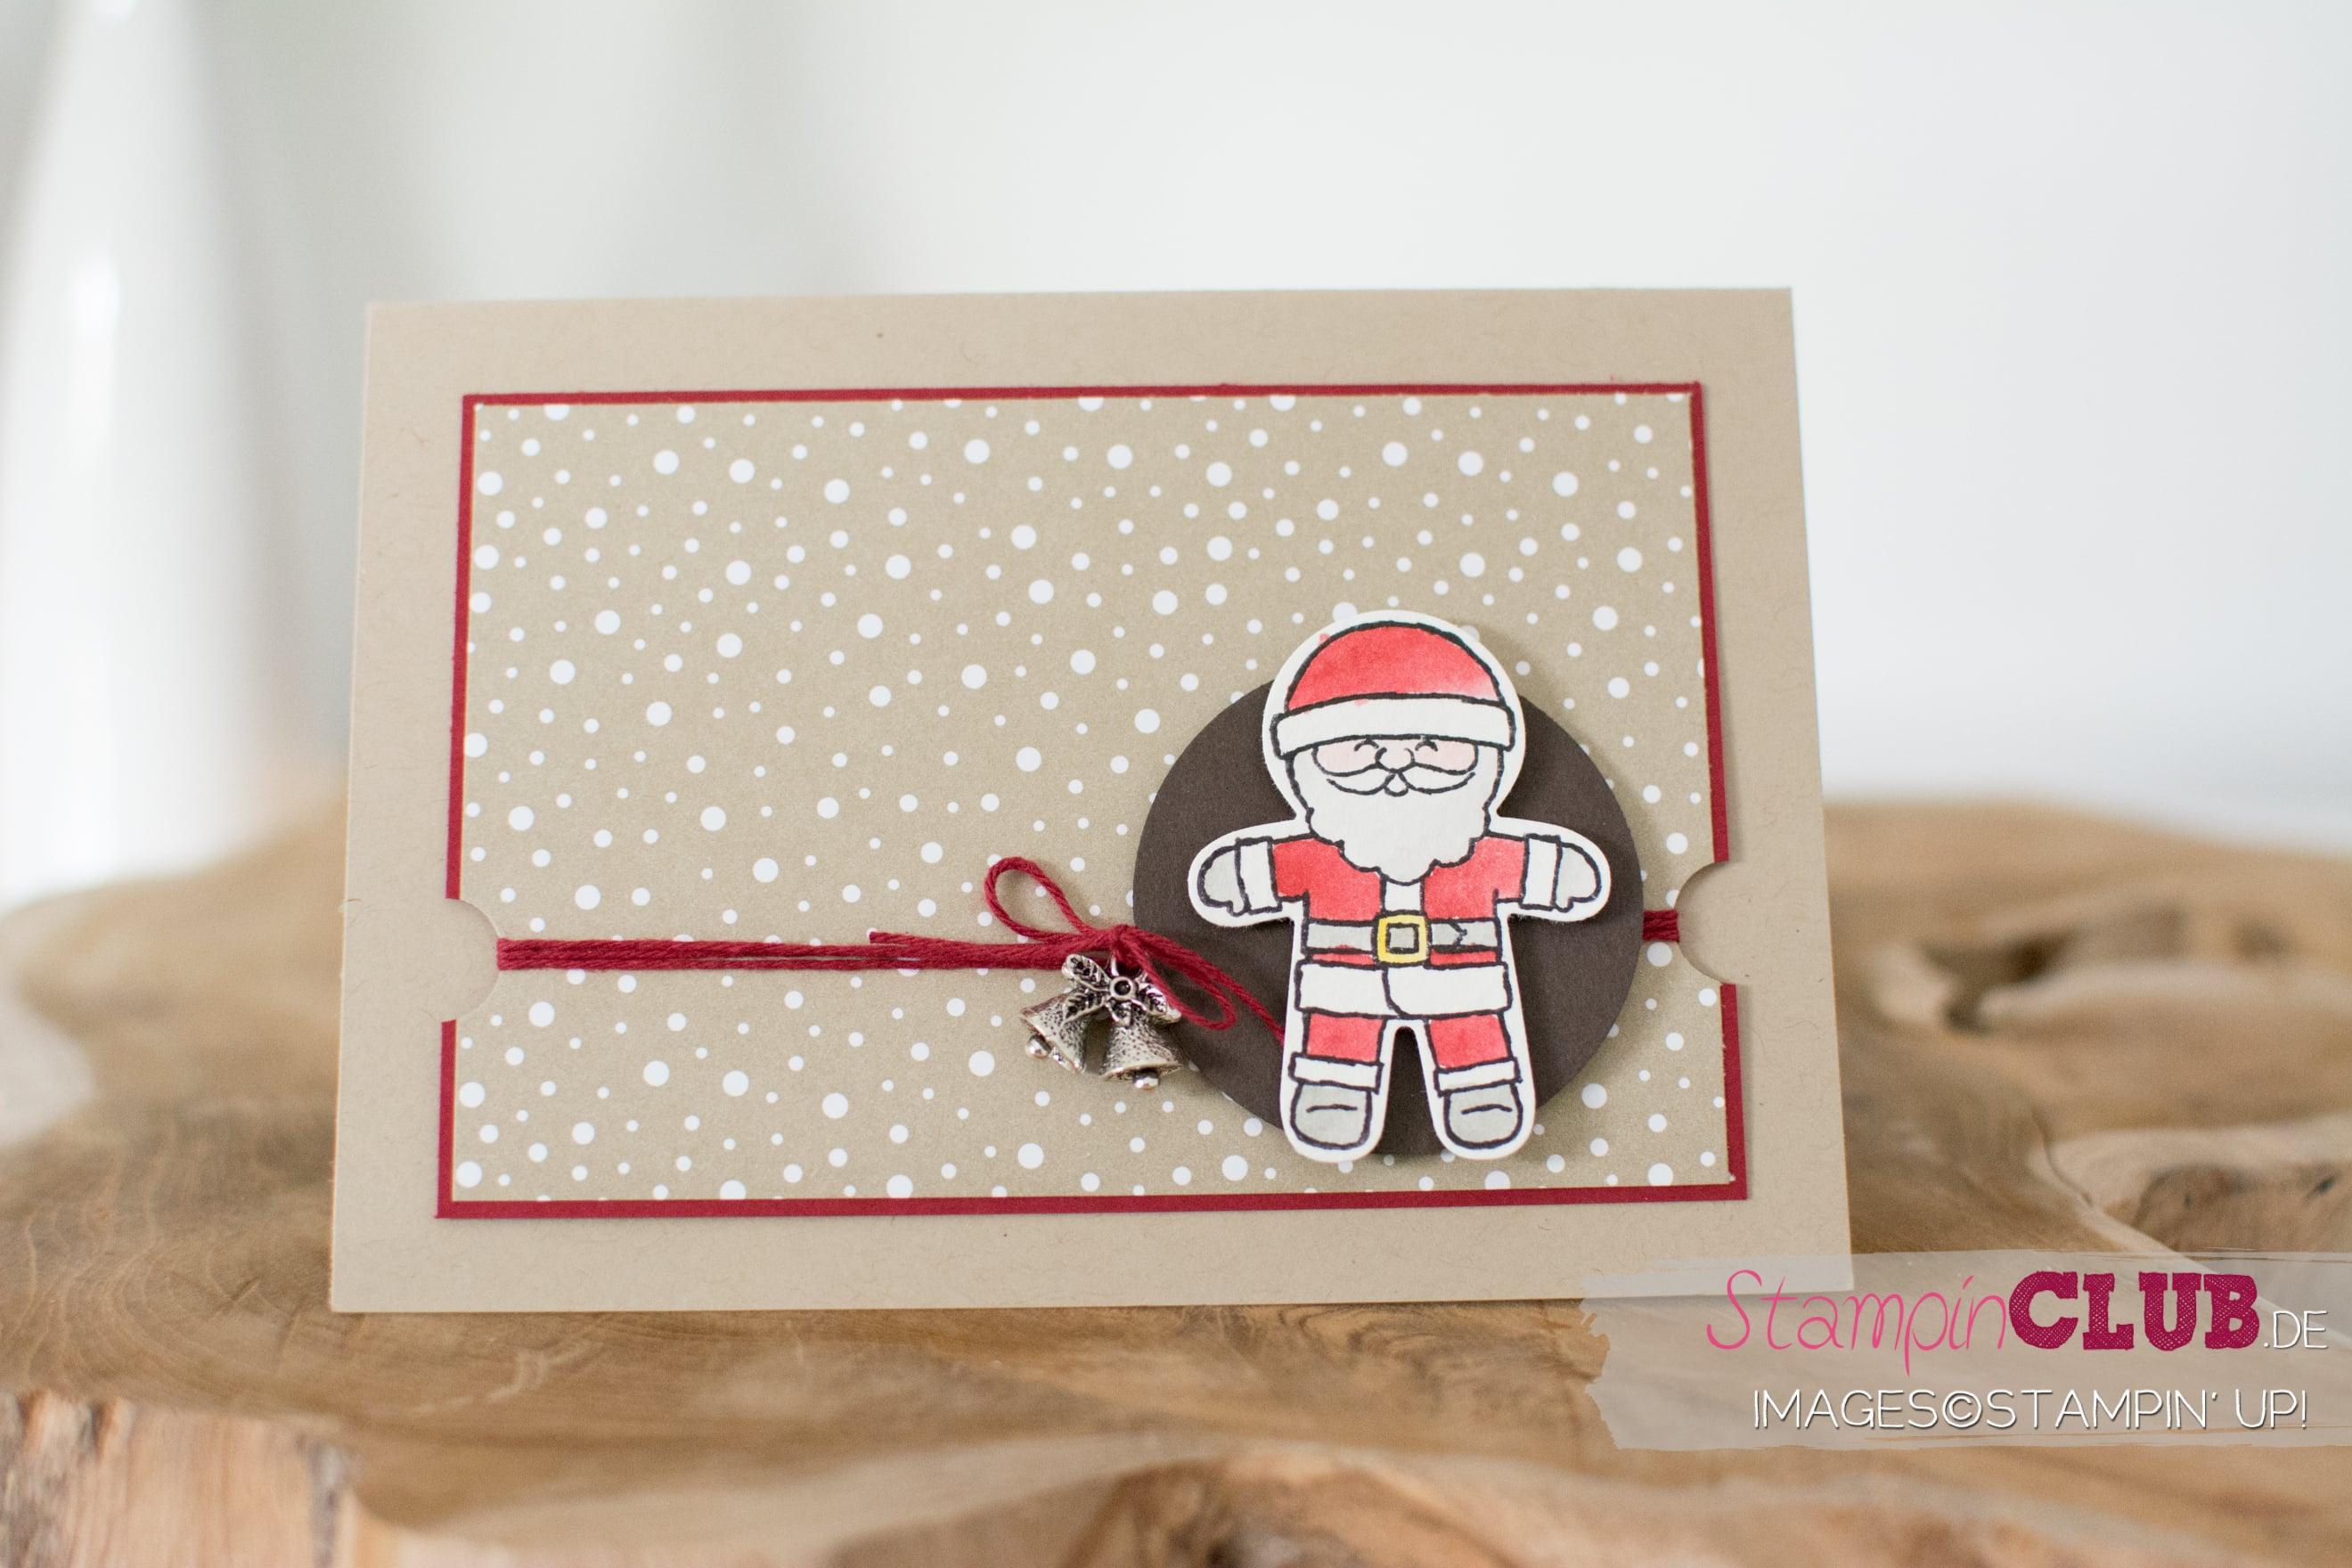 20161003-stampinclub-stampin-up-ausgestochen-weihnachtlich-cookie-cutter-christmas_